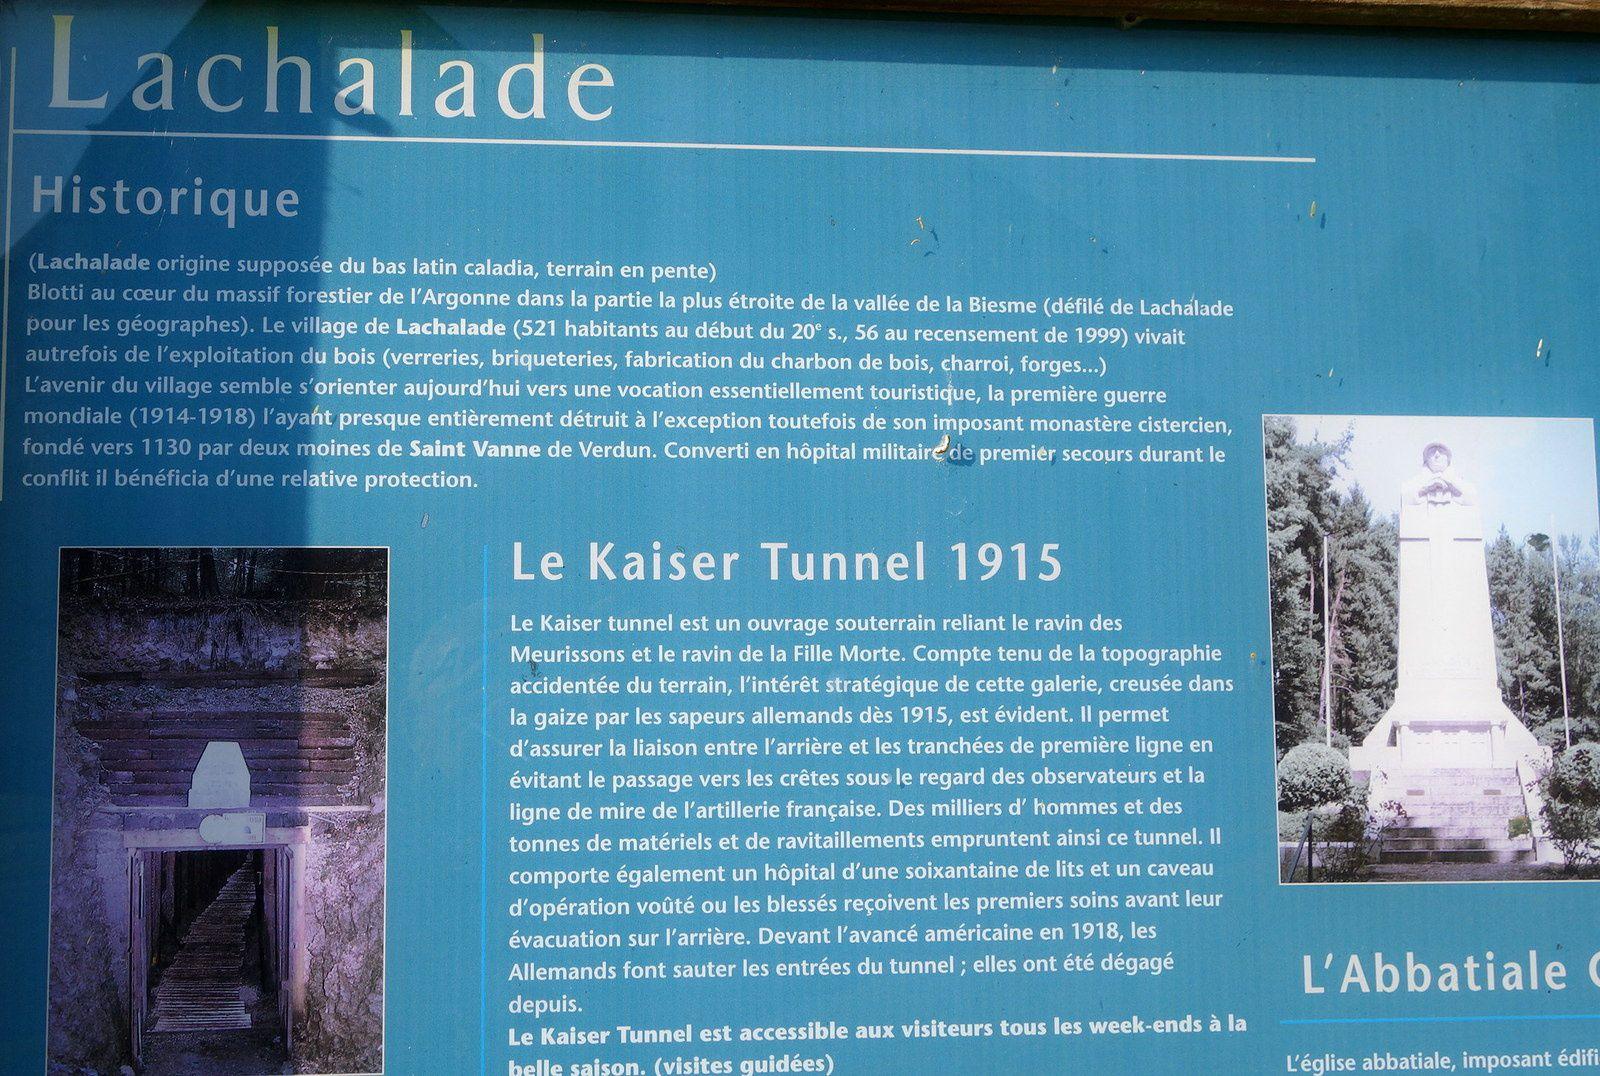 La Chalade, les Garibaldiens et la Haute Chevauchée